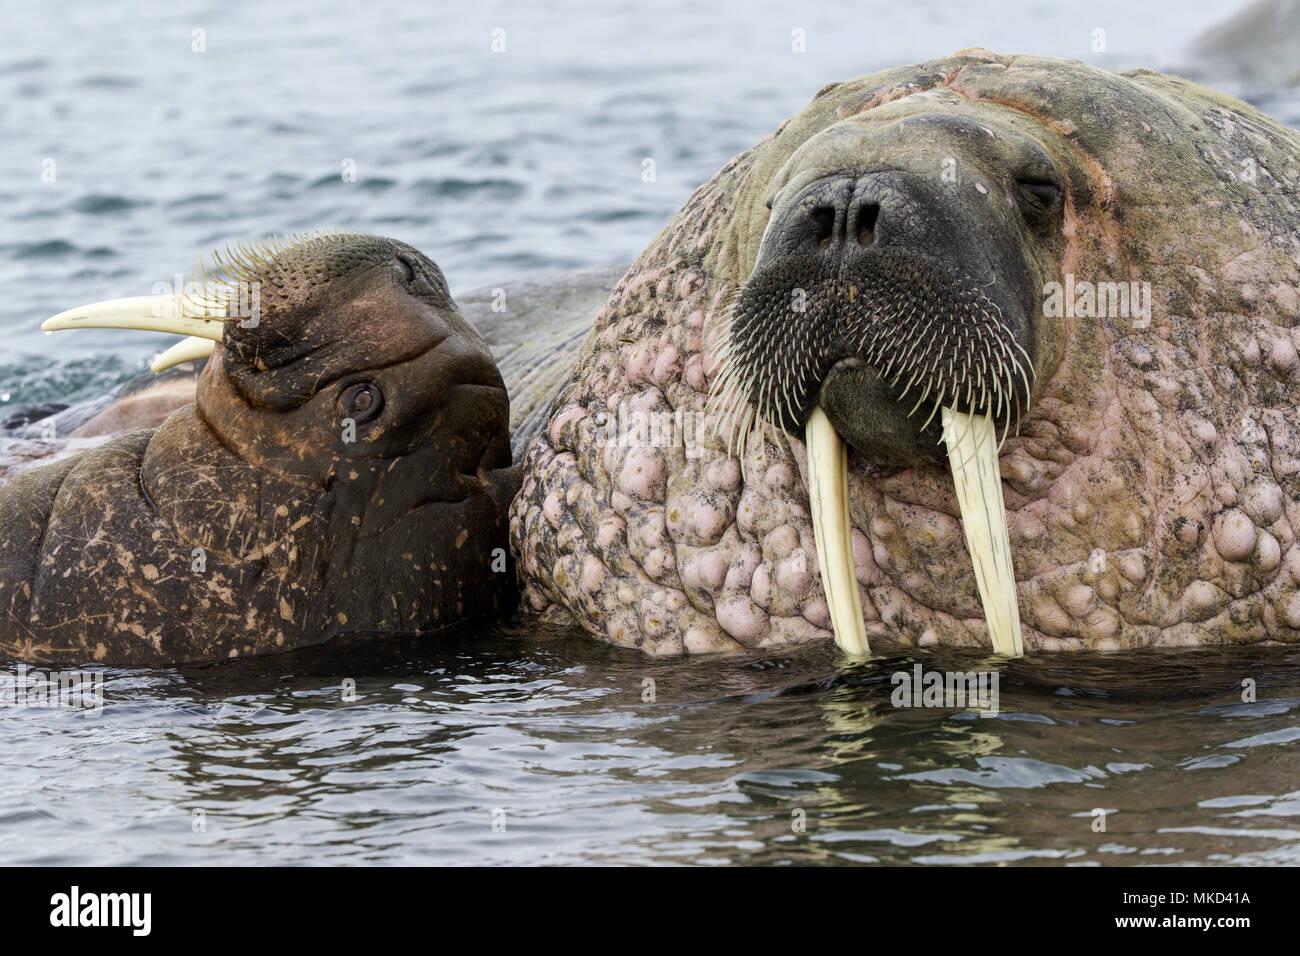 Paire de morse (Odobenus rosmarus), un adulte et un jeune jouant avec leurs défenses, vulnérables (UICN), Spitsbergen, Svalbard, archipel norvégien, la Norvège, l'Océan Arctique Photo Stock